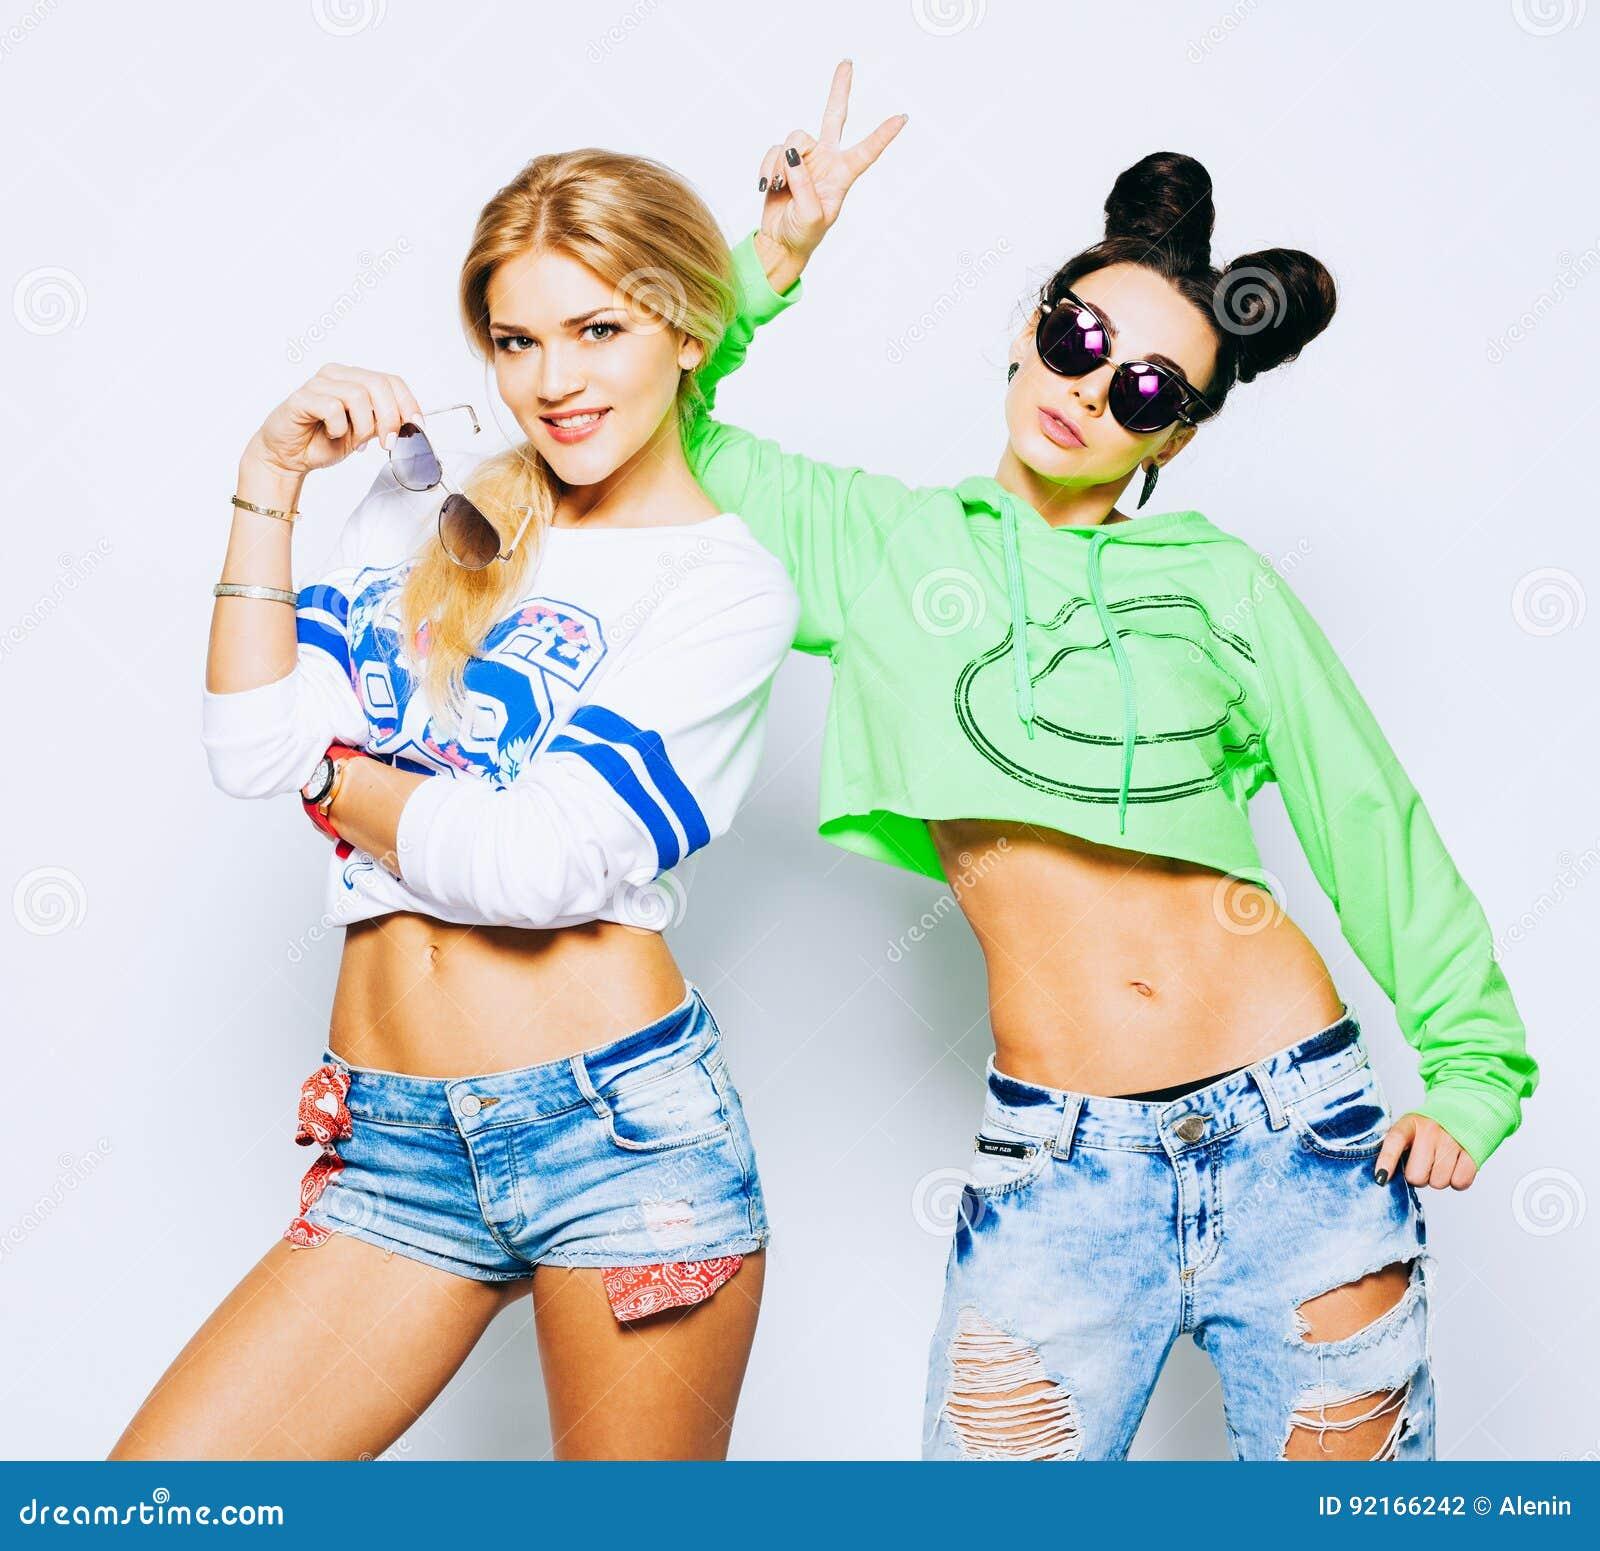 Porträt von zwei modischen kühlen Hippie-Mädchen im hellem Kalk und whigte Ausstattung, modische Frisuren und Make-up, Sonnenbril